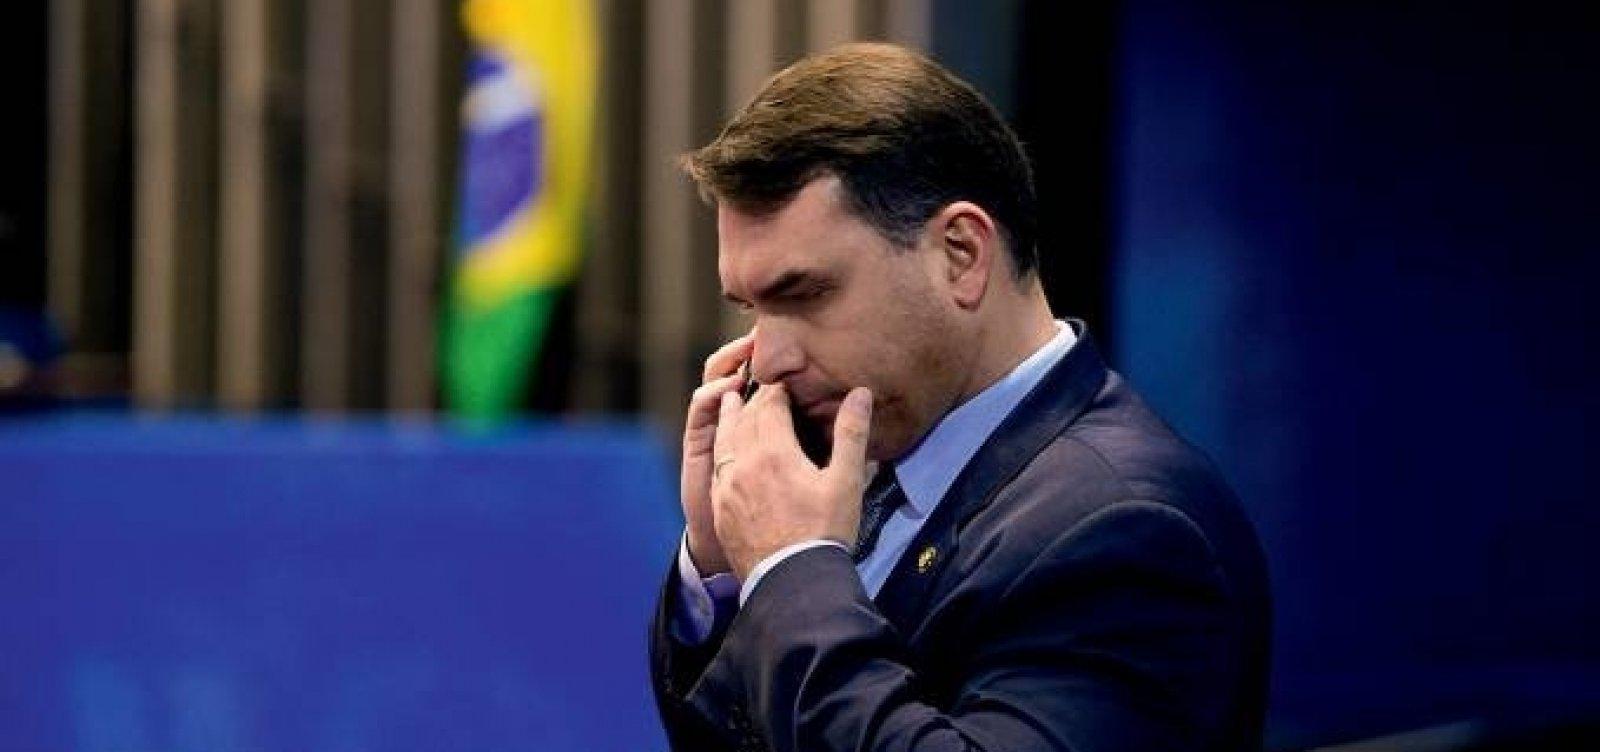 [Justiça proíbe Globo de exibir documentos do caso Flávio Bolsonaro, diz coluna]